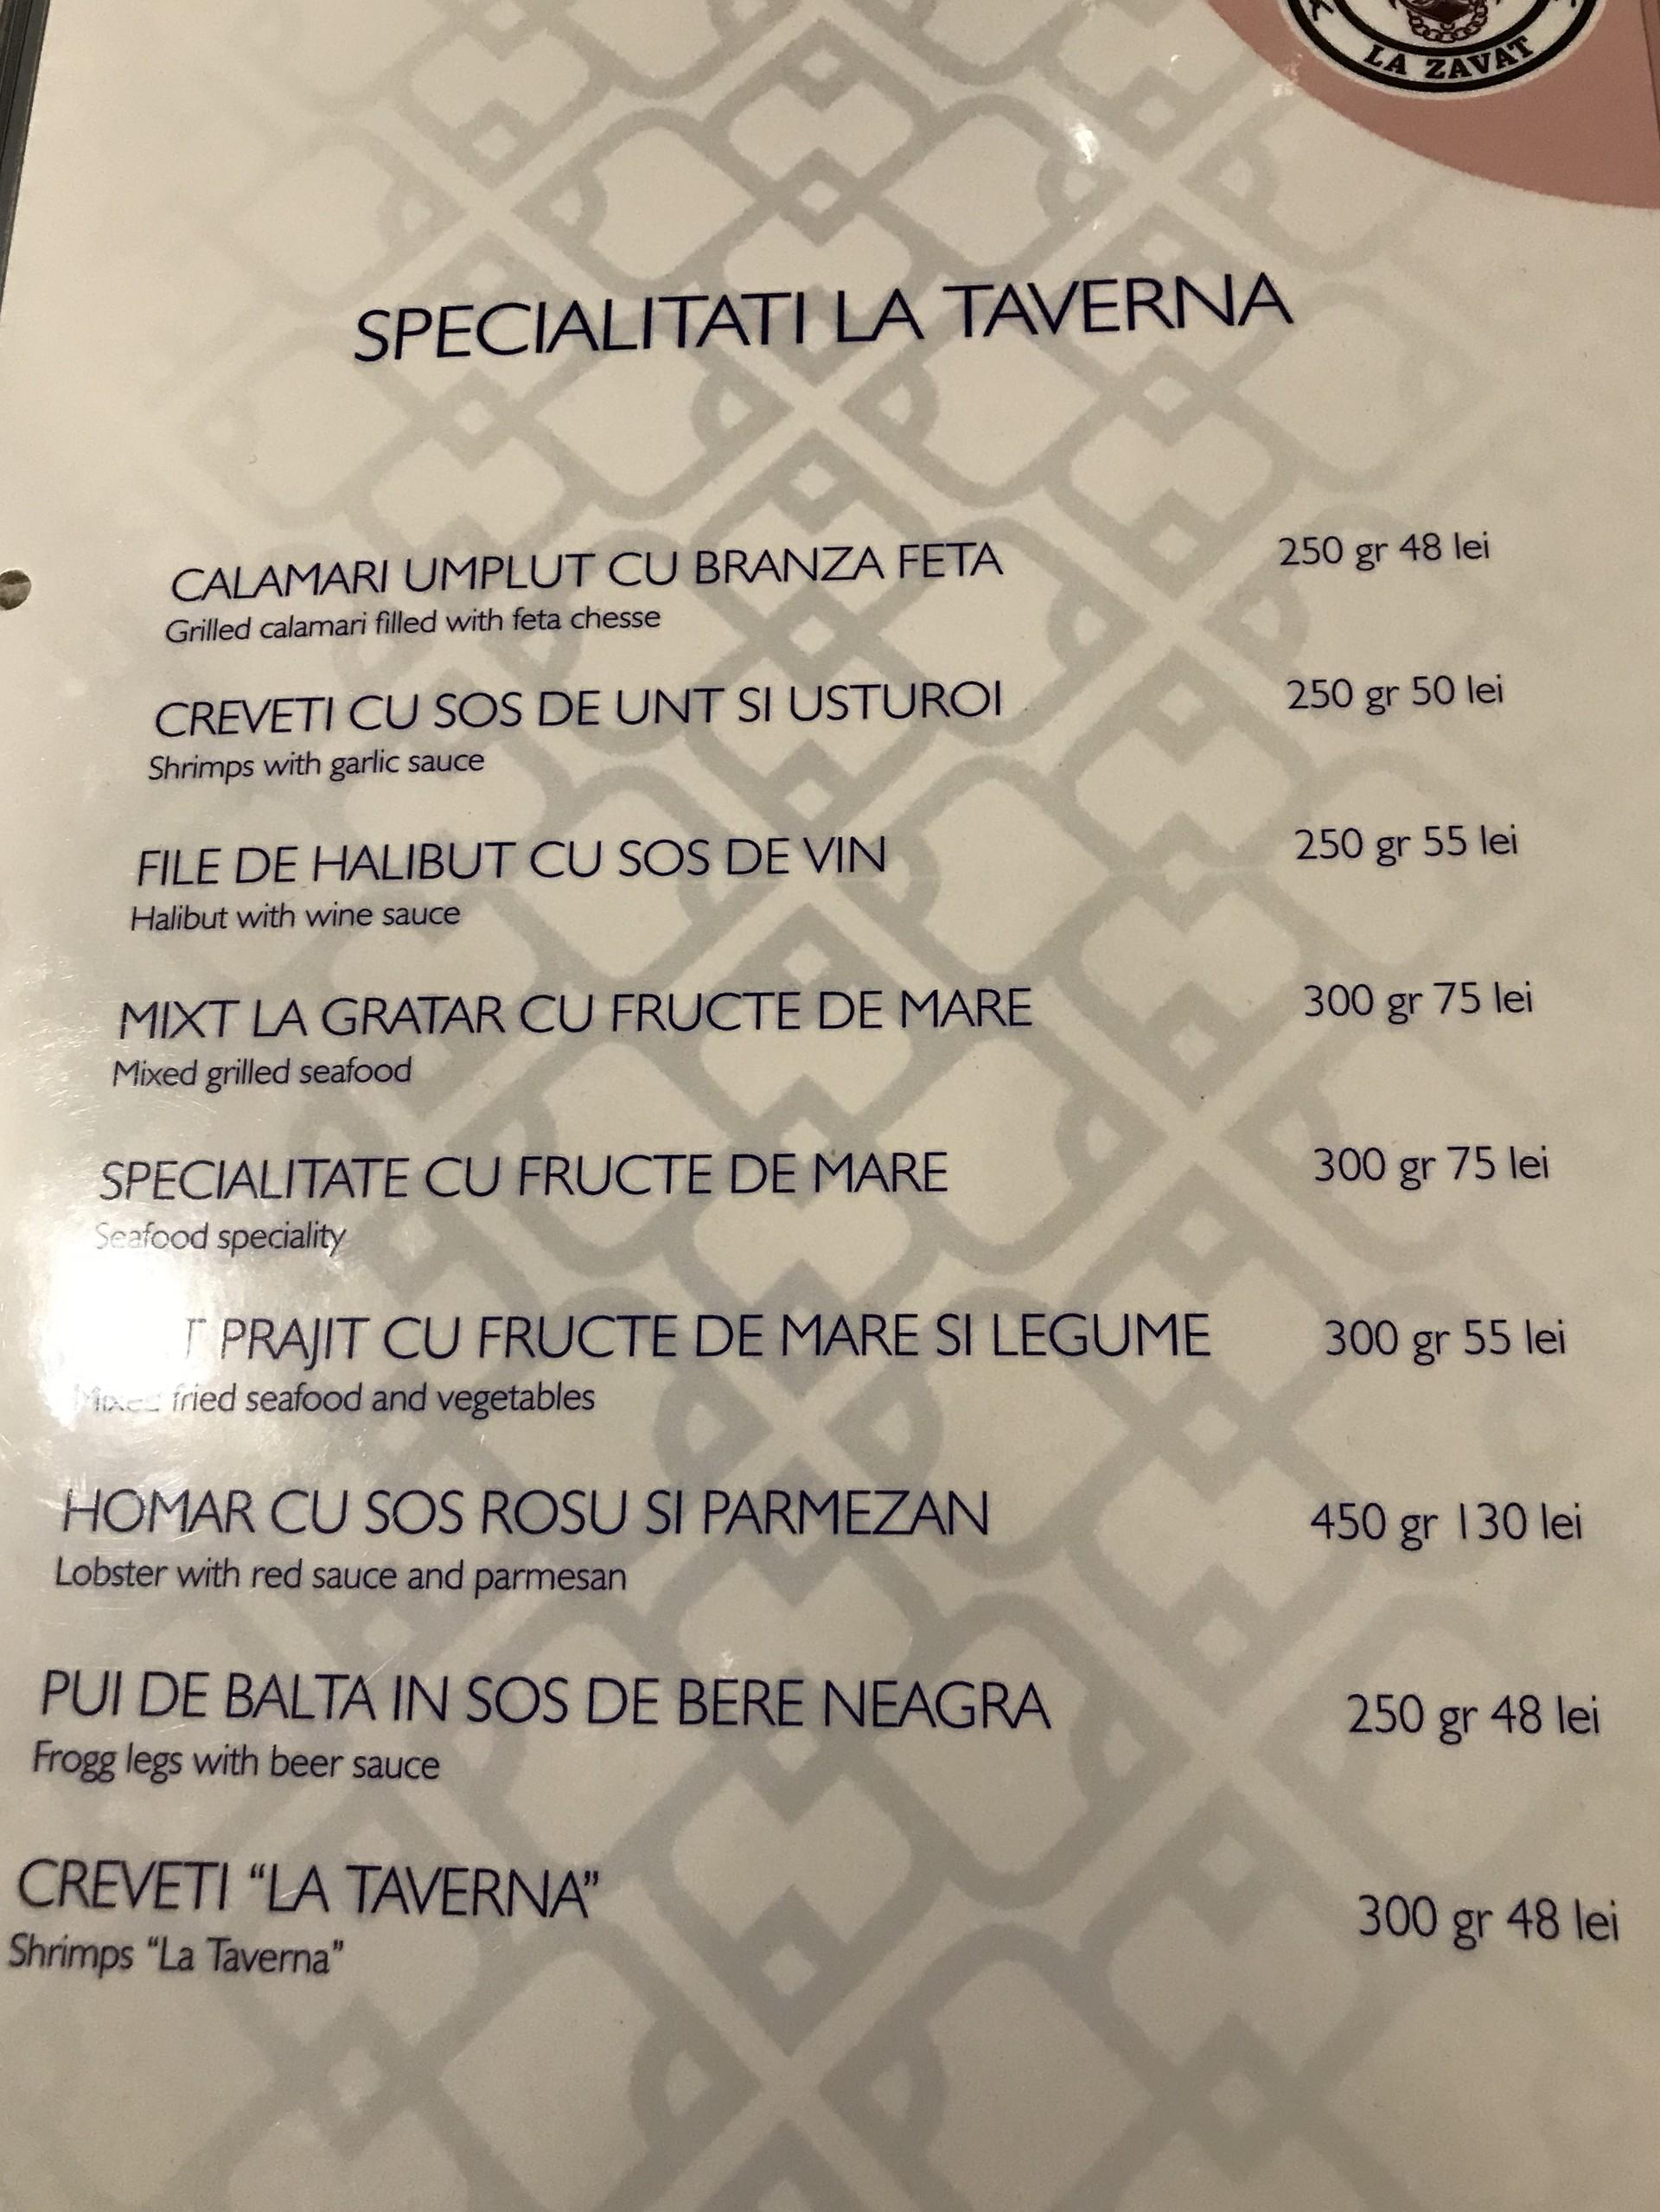 taverna-la-zavat-1ad40e2acc73d32ad2dc04a